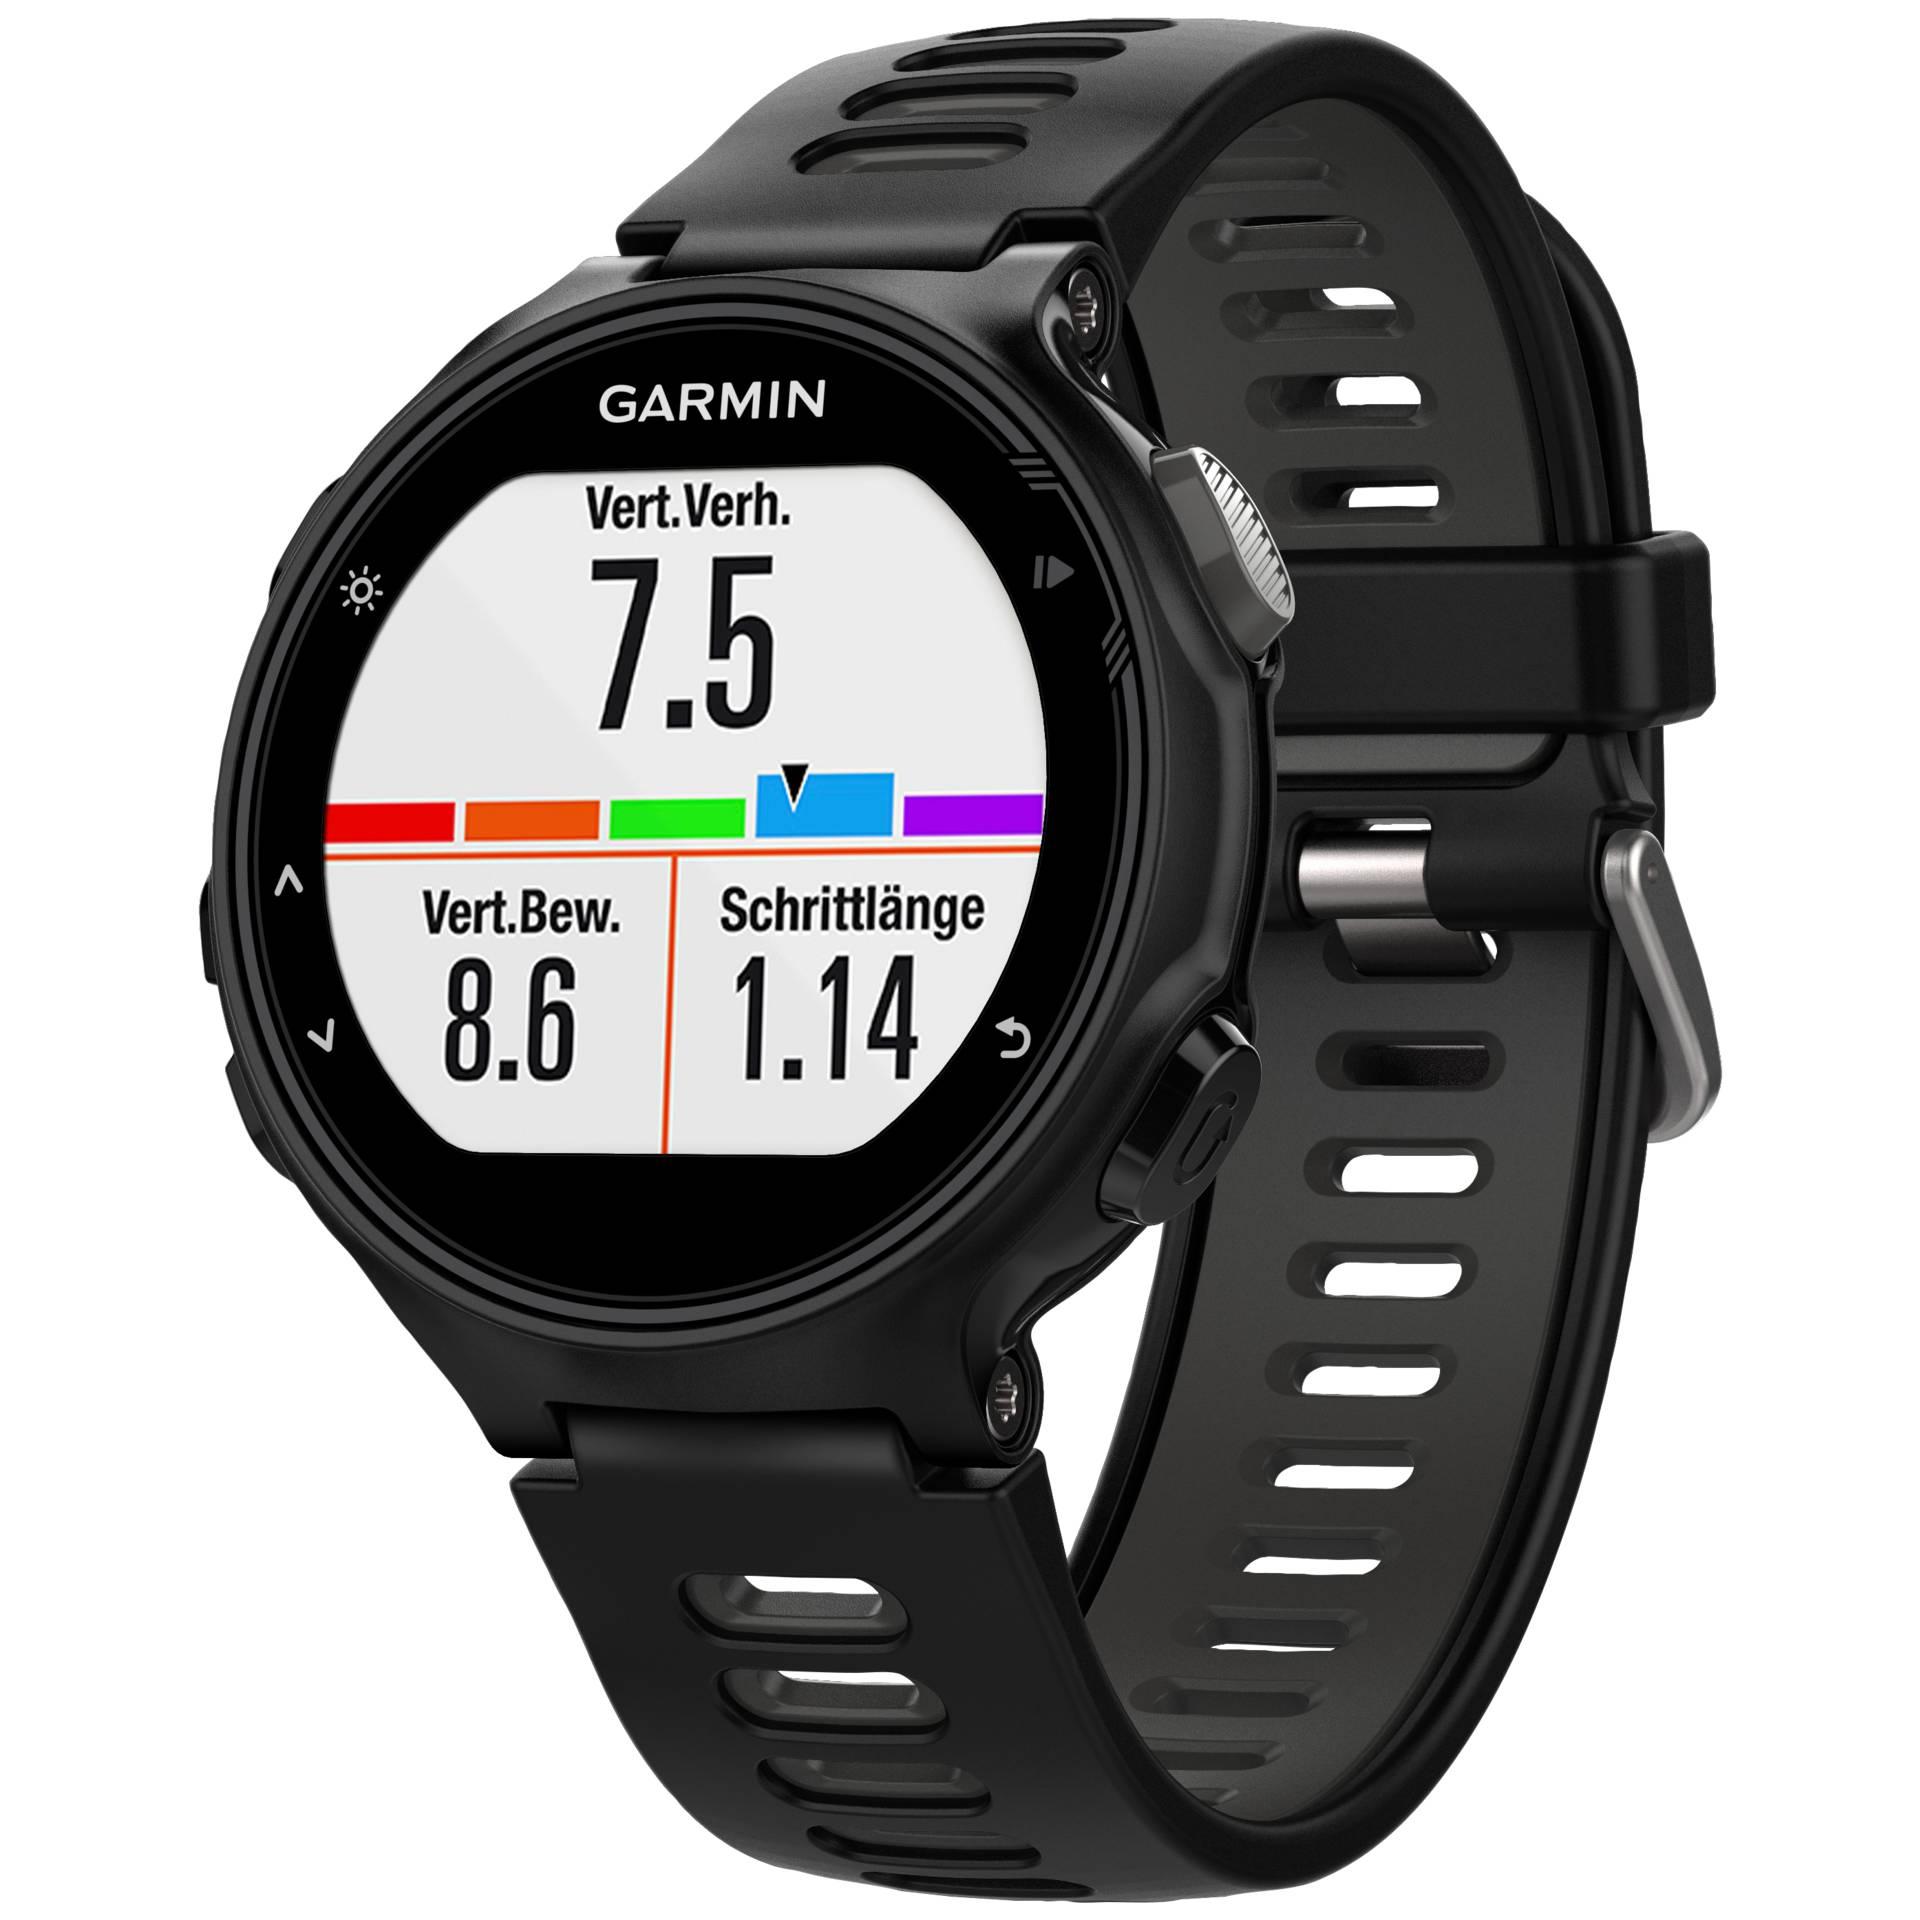 """Garmin""""Forerunner 735XT - GPS/GLONASS-Uhr - Fahrrad, Laufen, Schwimmen (010-01614-06)"""""""